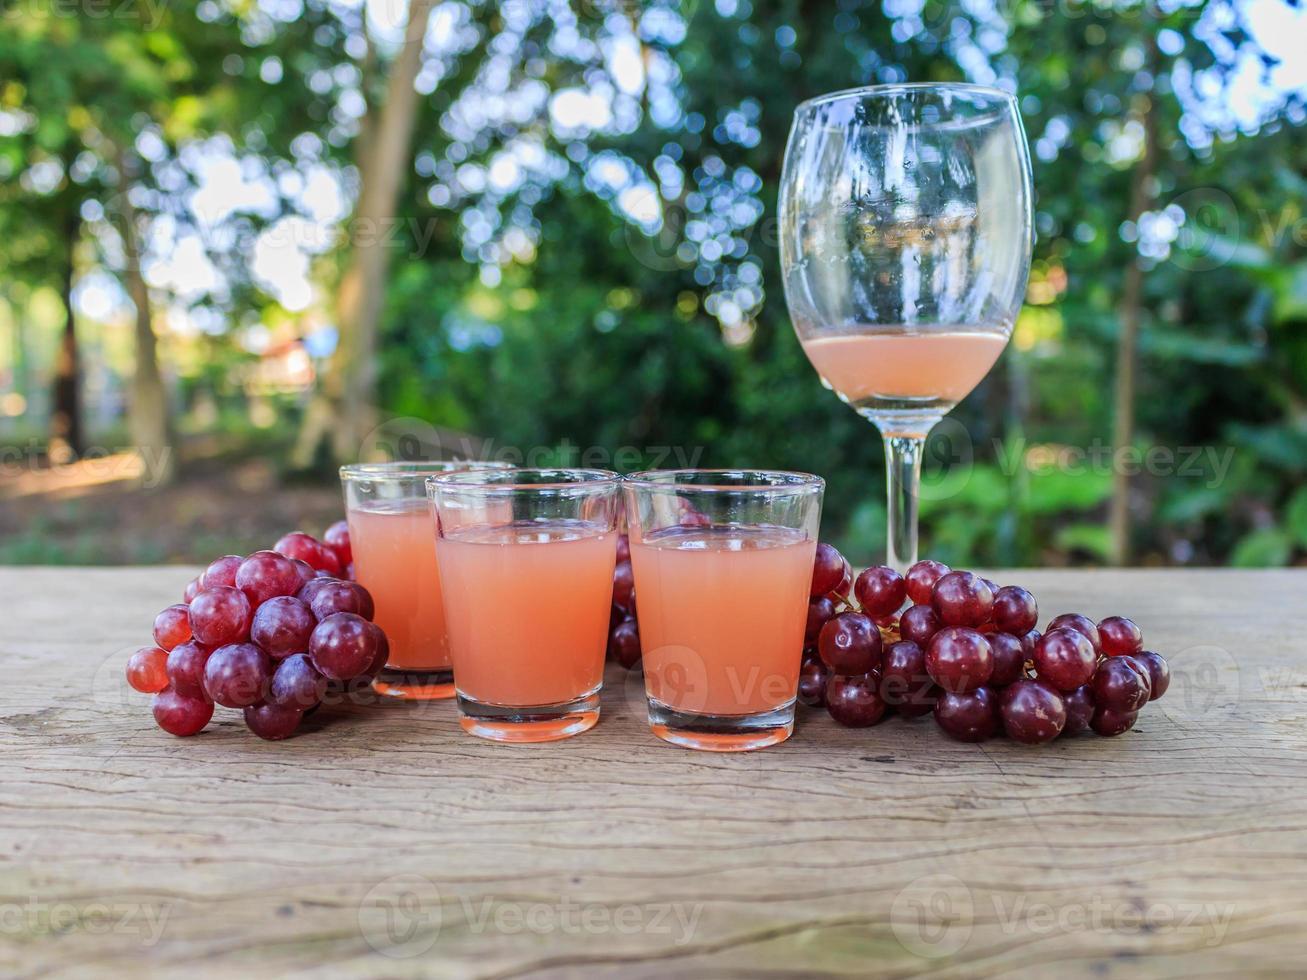 jugo de uva en la mesa foto